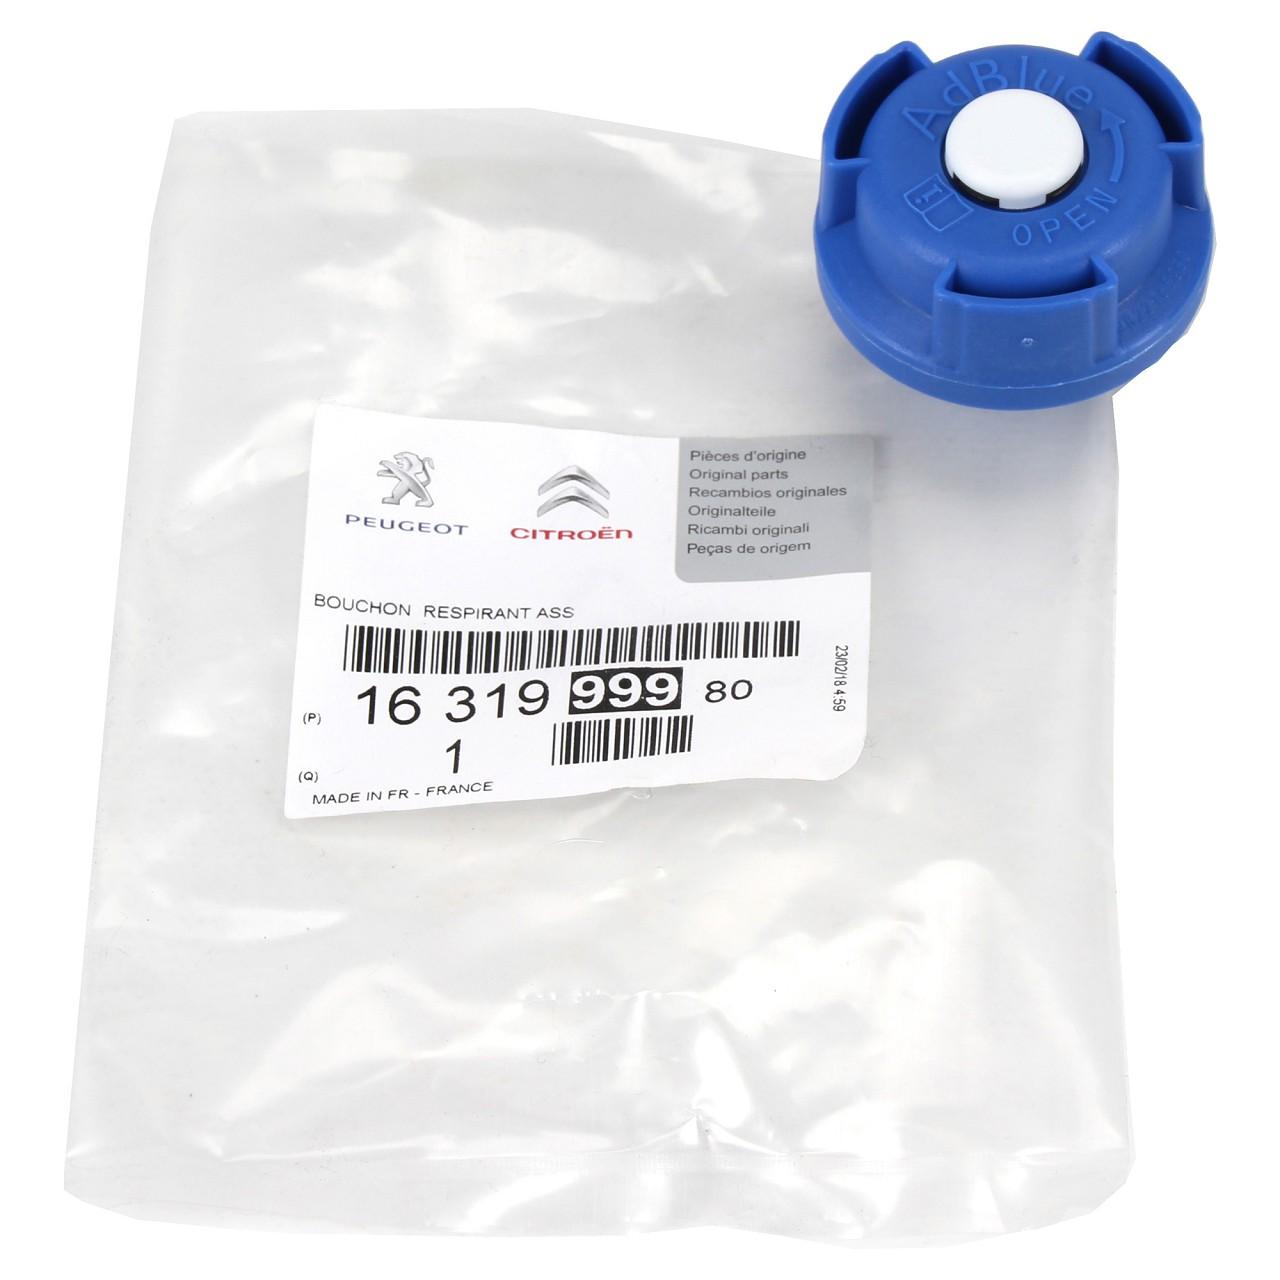 ORIGINAL PSA Tankdeckel AdBlue Berlingo C3 C4 C5 208 308 mit EURO 6 1631999980